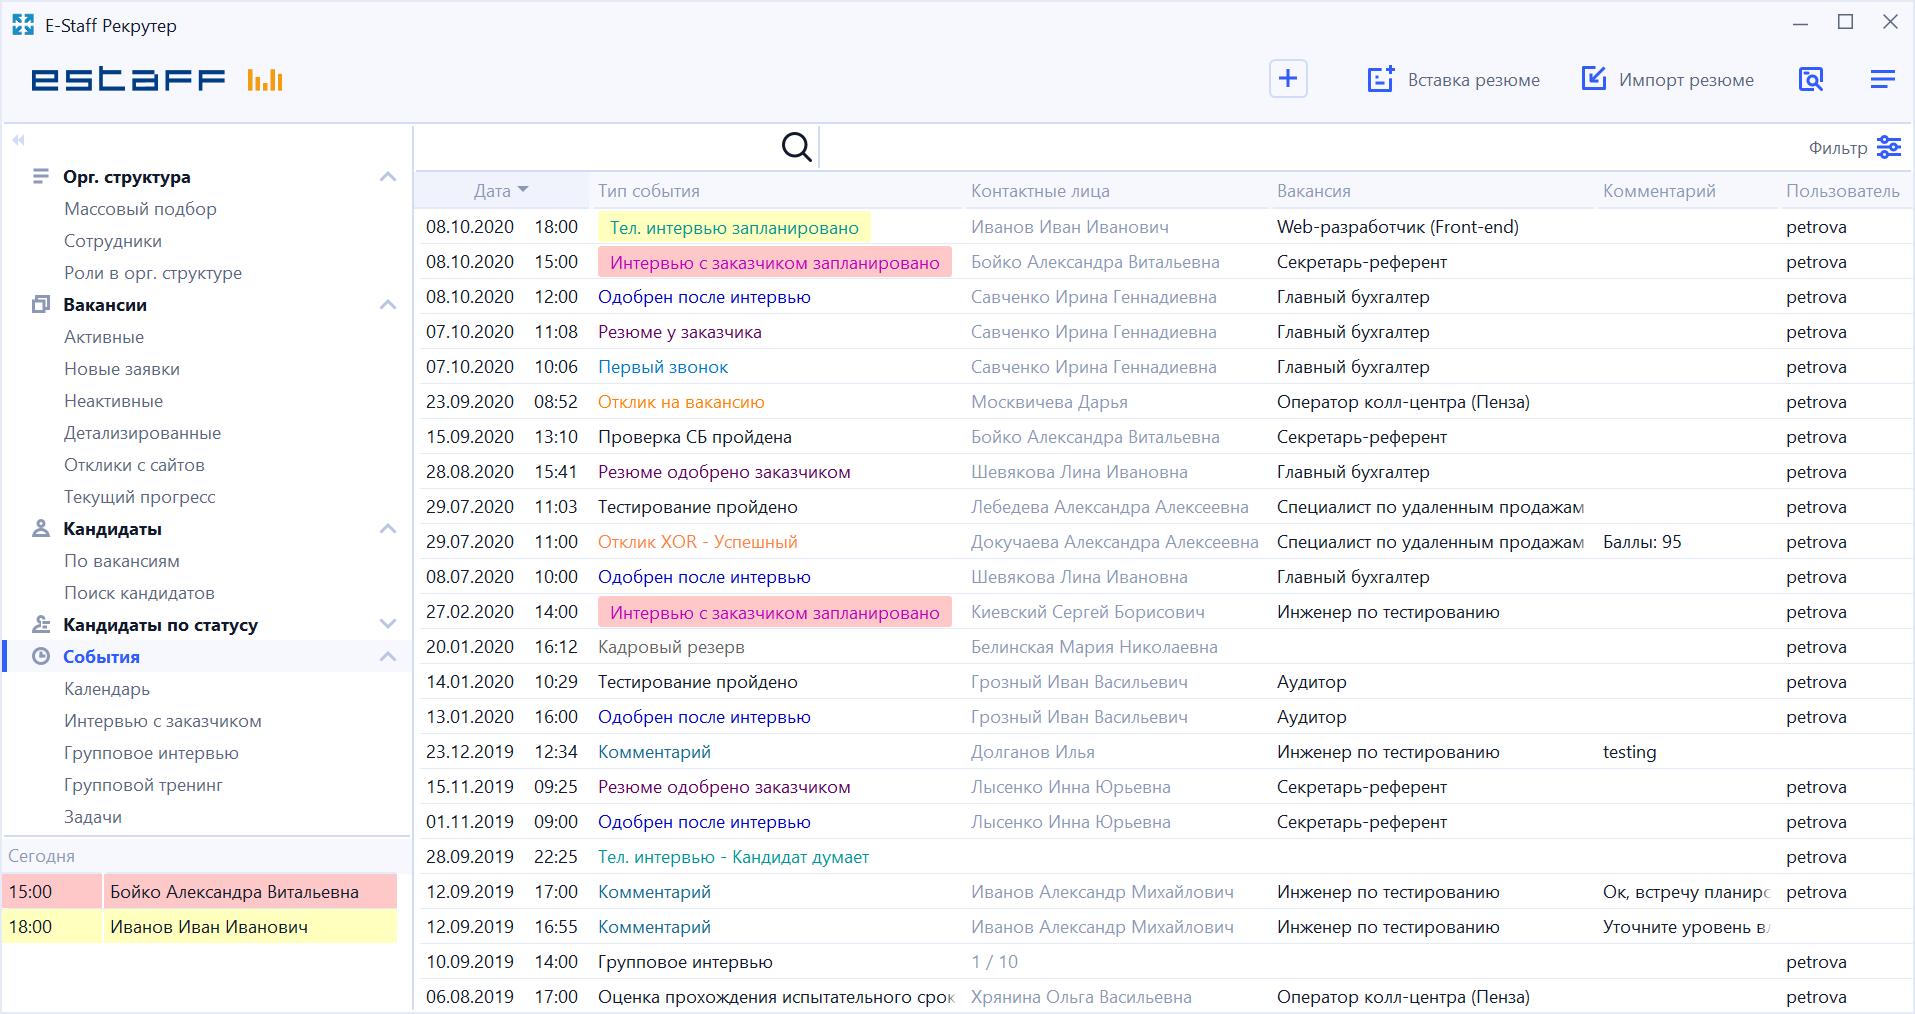 Управление календарём событий по подбору персонала в программном продукте E-Staff Рекрутер